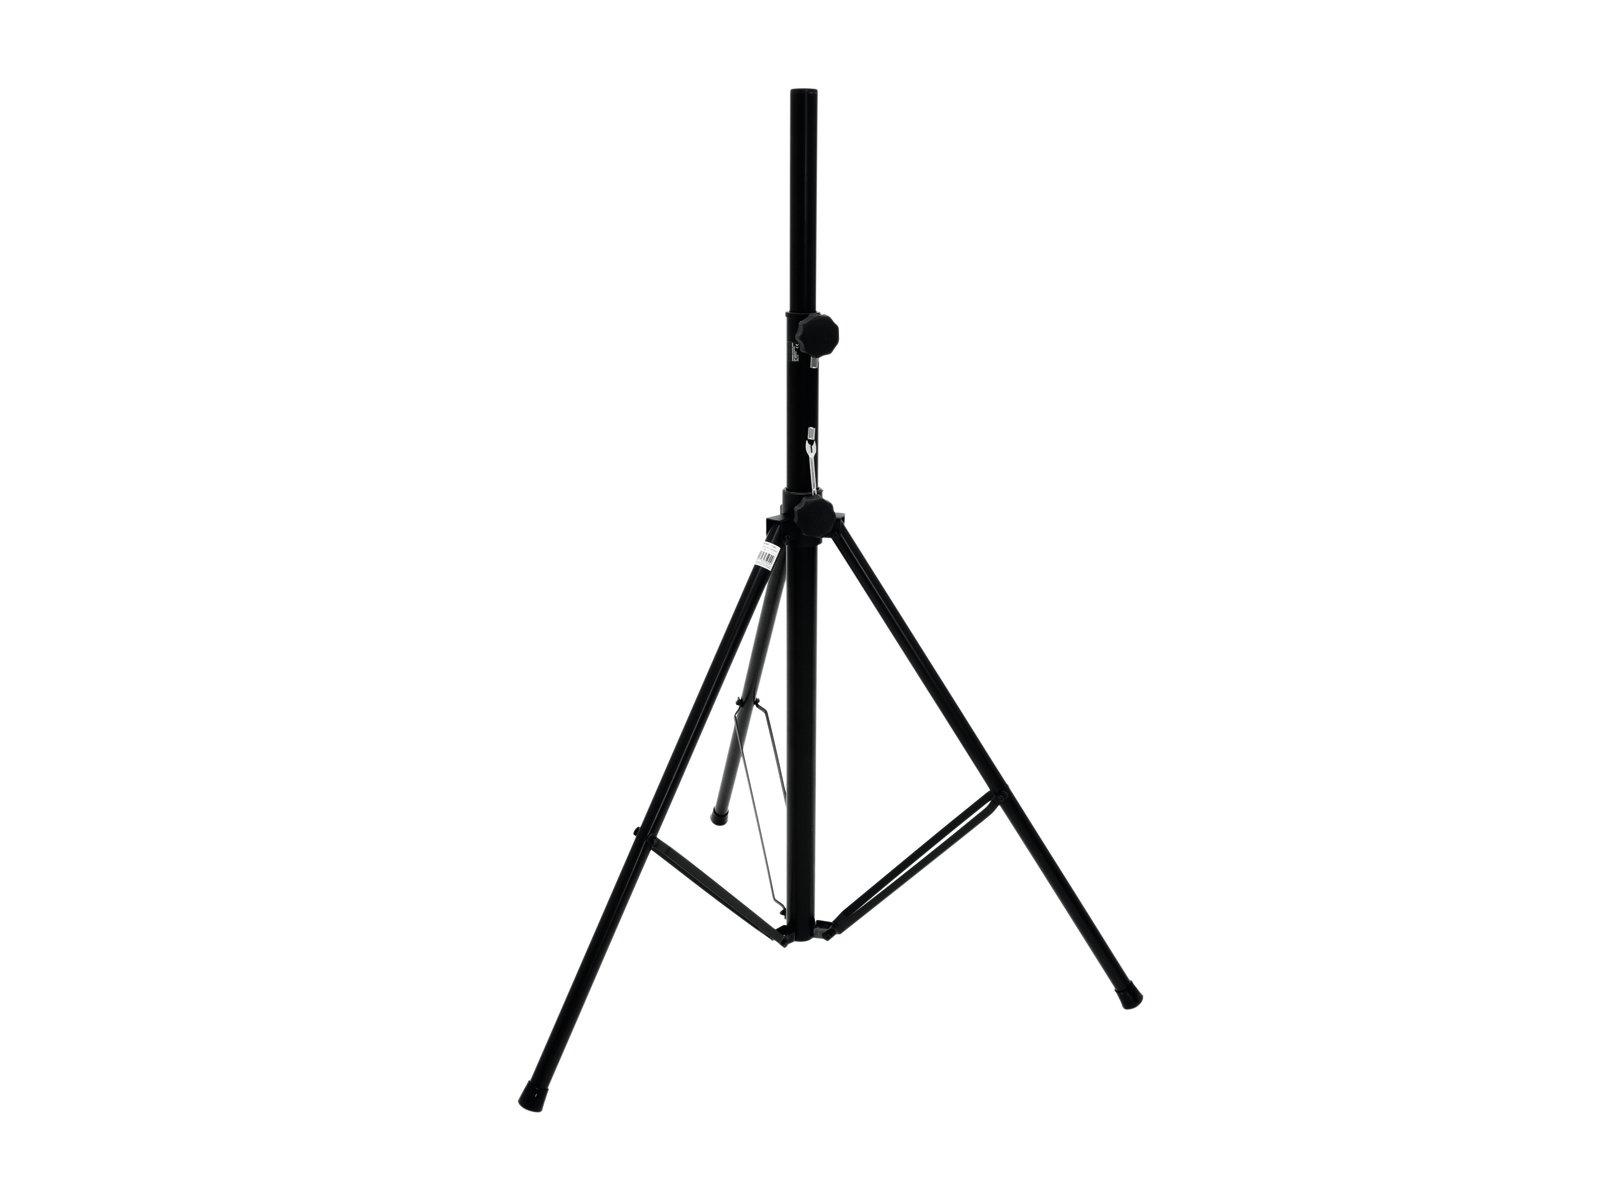 Omnitronic reproduktorový stojan BS-2 EU, černý